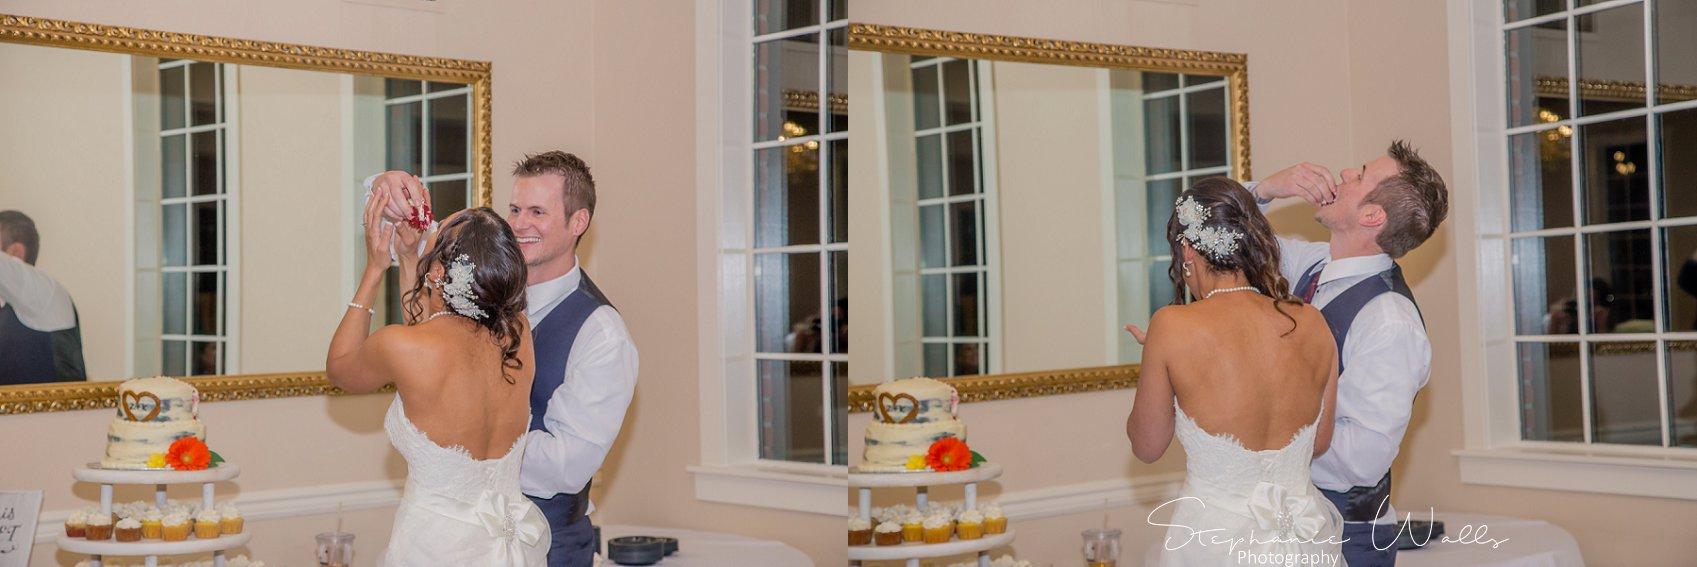 Reception 114 KK & Zack | Hollywood Schoolhouse Wedding | Woodinville, Wa Wedding Photographer